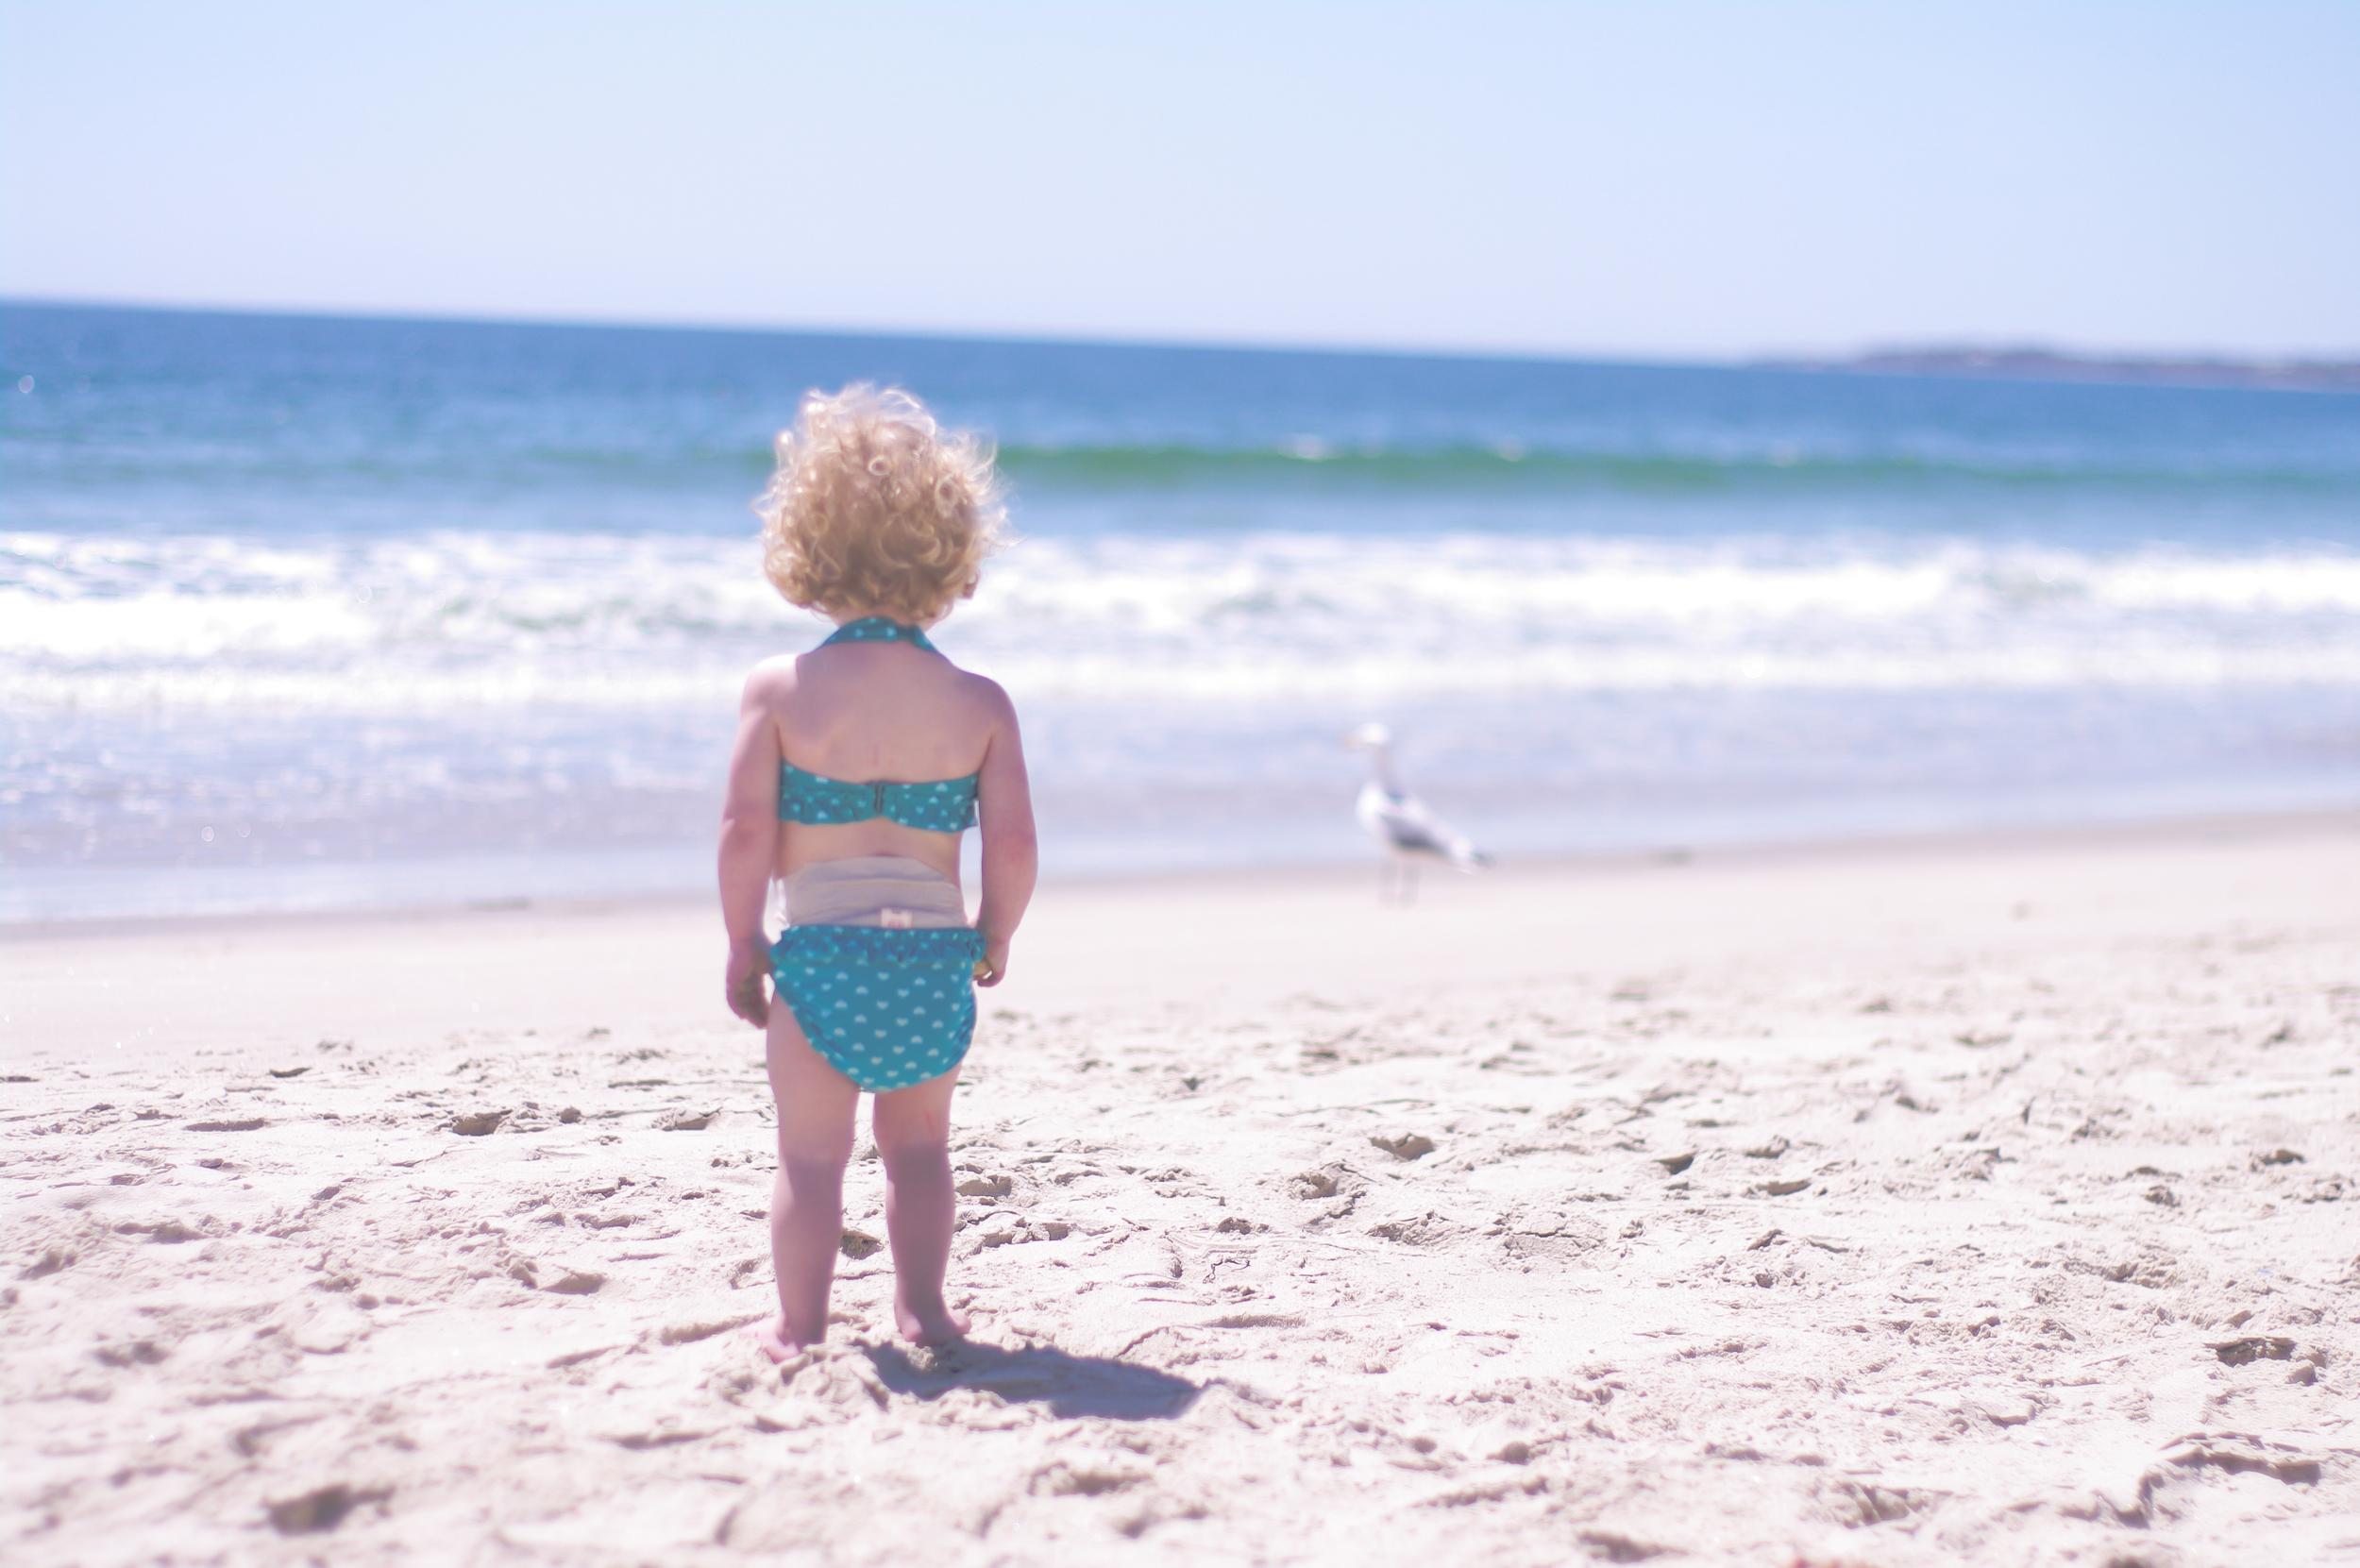 beachday-300dpi-1248